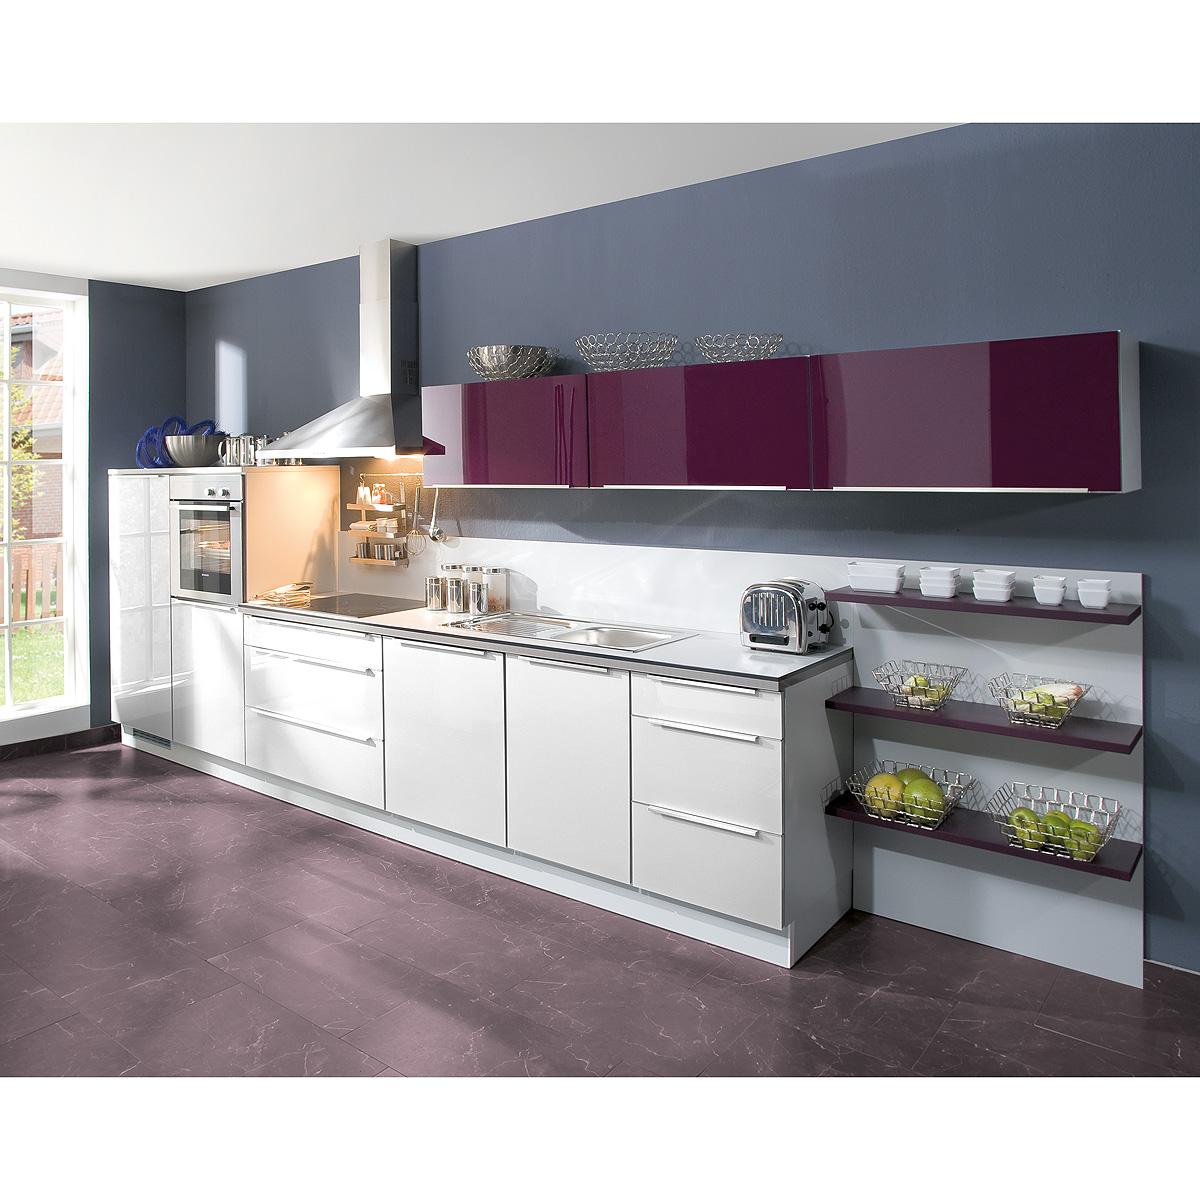 Brigitte küche einbauküche küchenzeile inkl. e geräte mit vielen ...